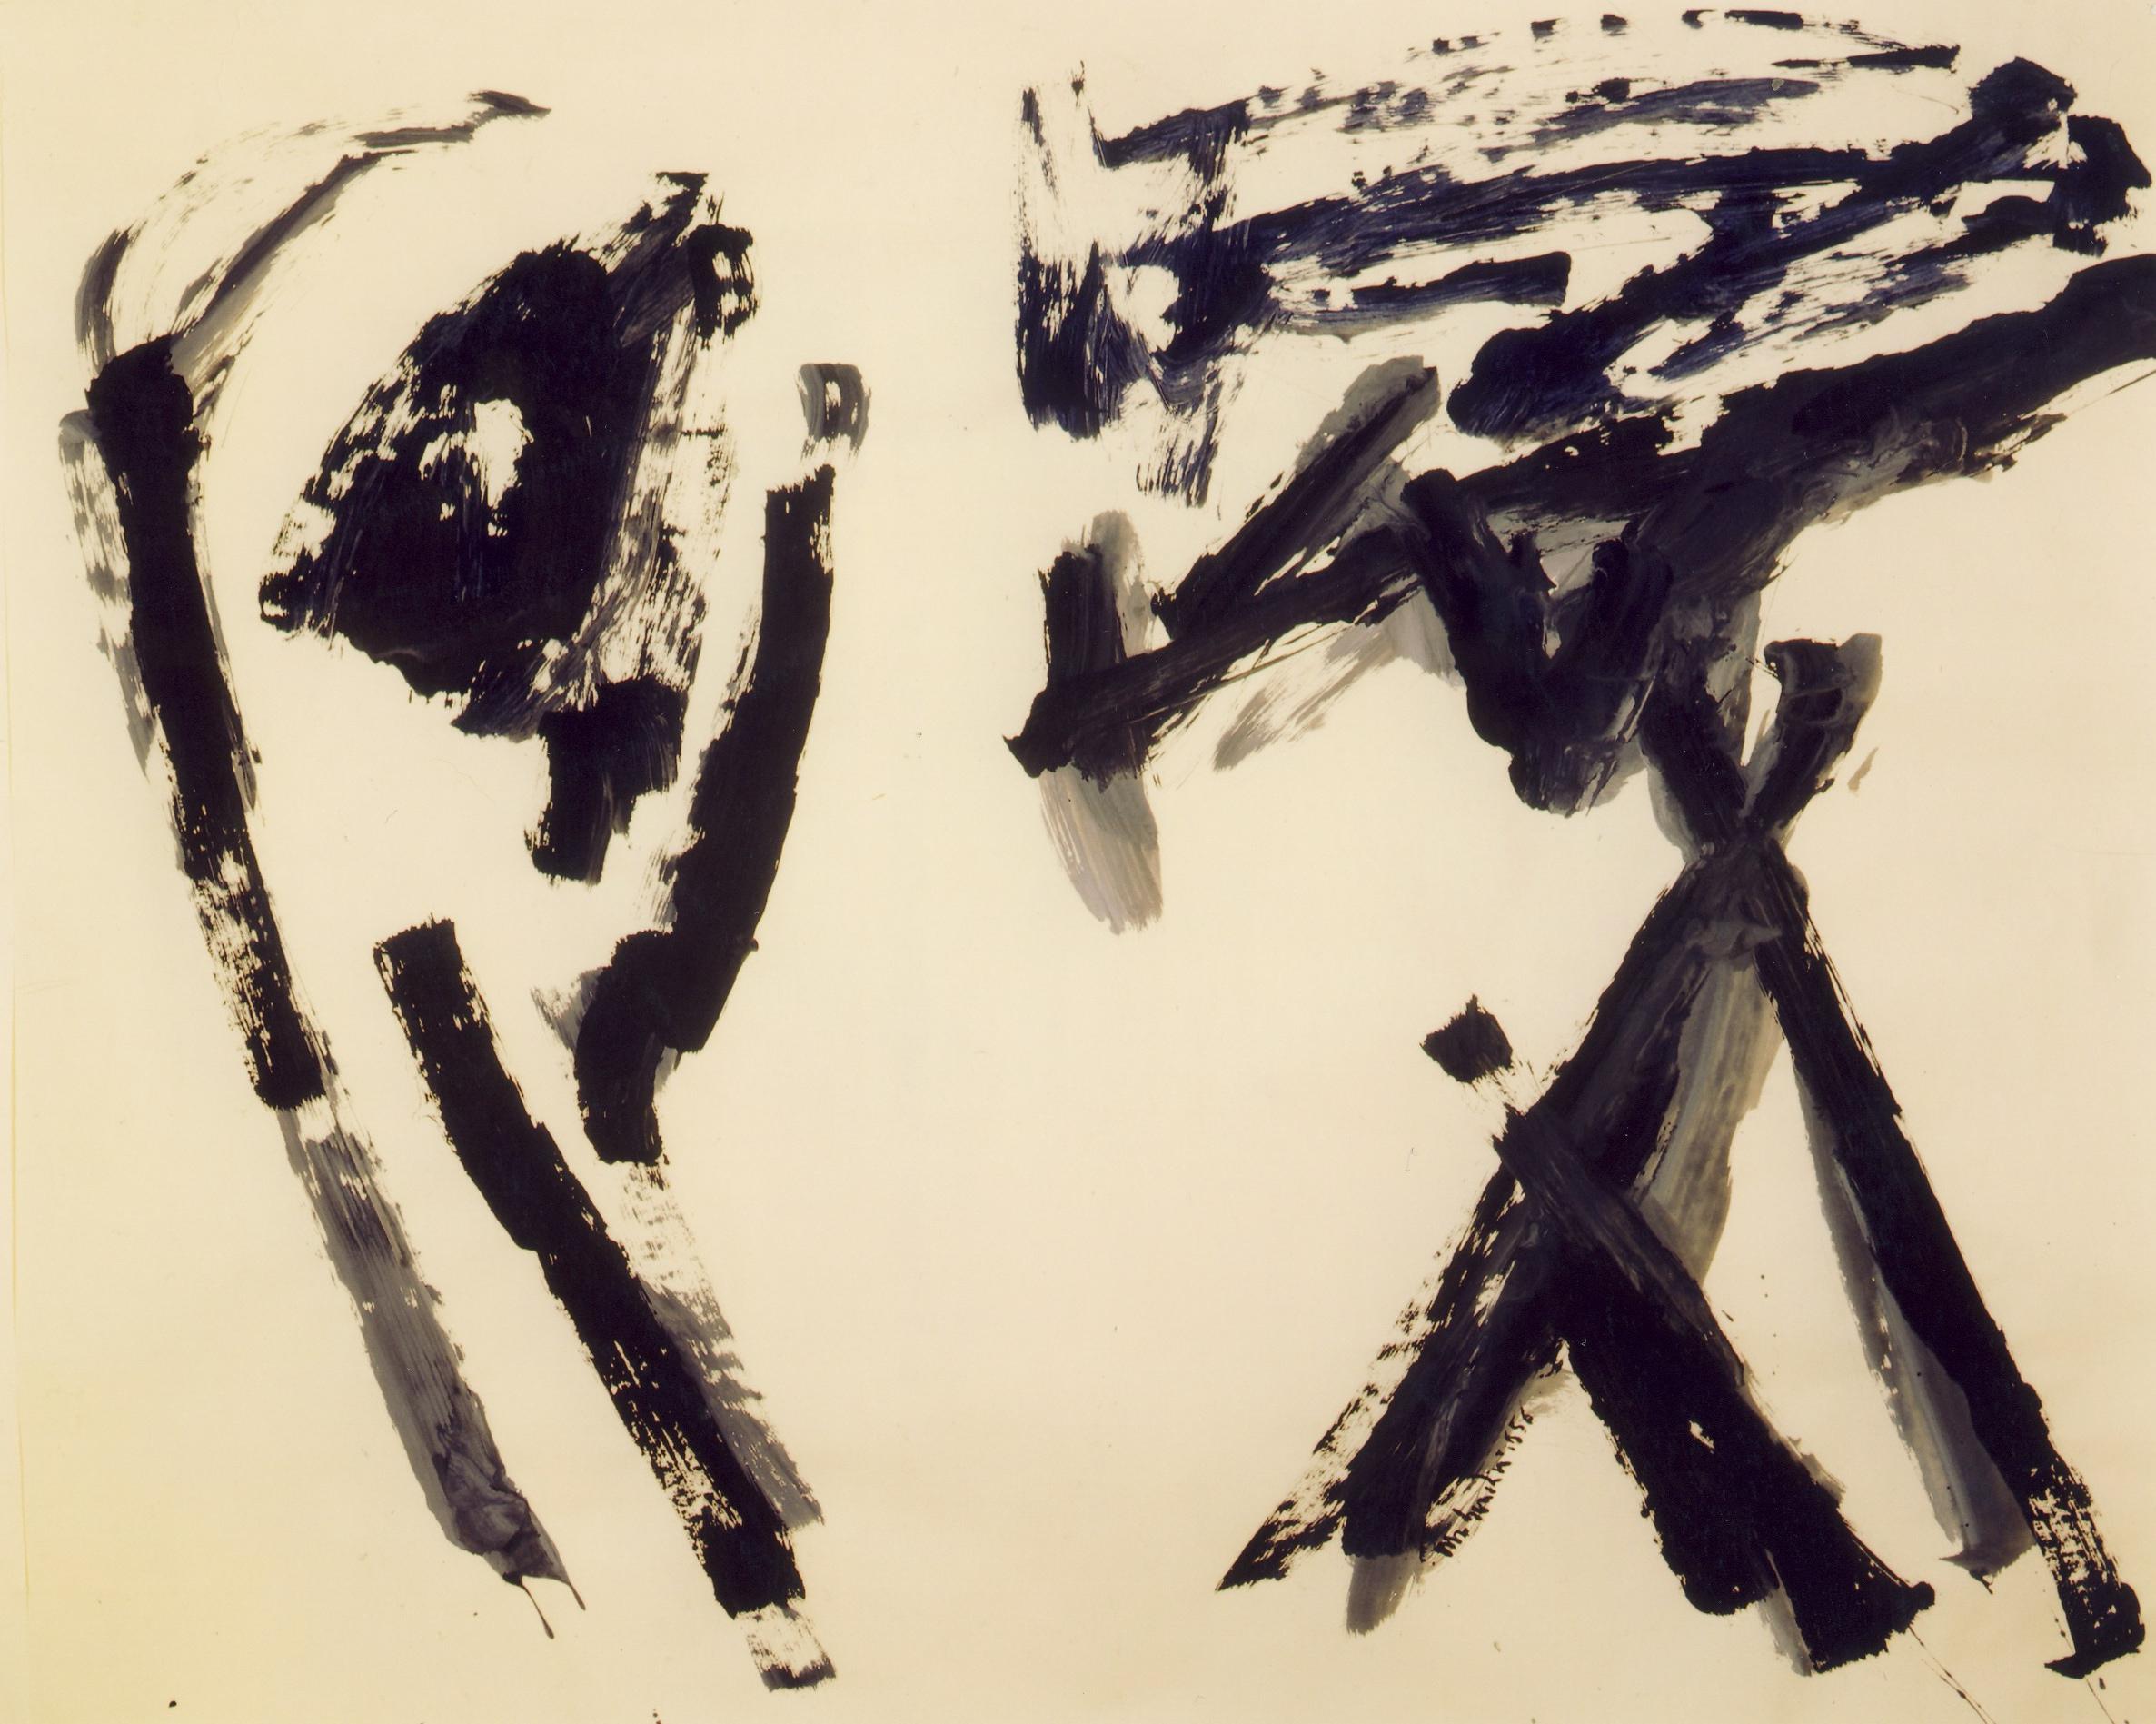 Il pianto, 1956, tempera acrilica su carta intelata, cm 152 x 187  Il pianto, 1956, acrylic tempera on canvassed paper, cm 152 x 187